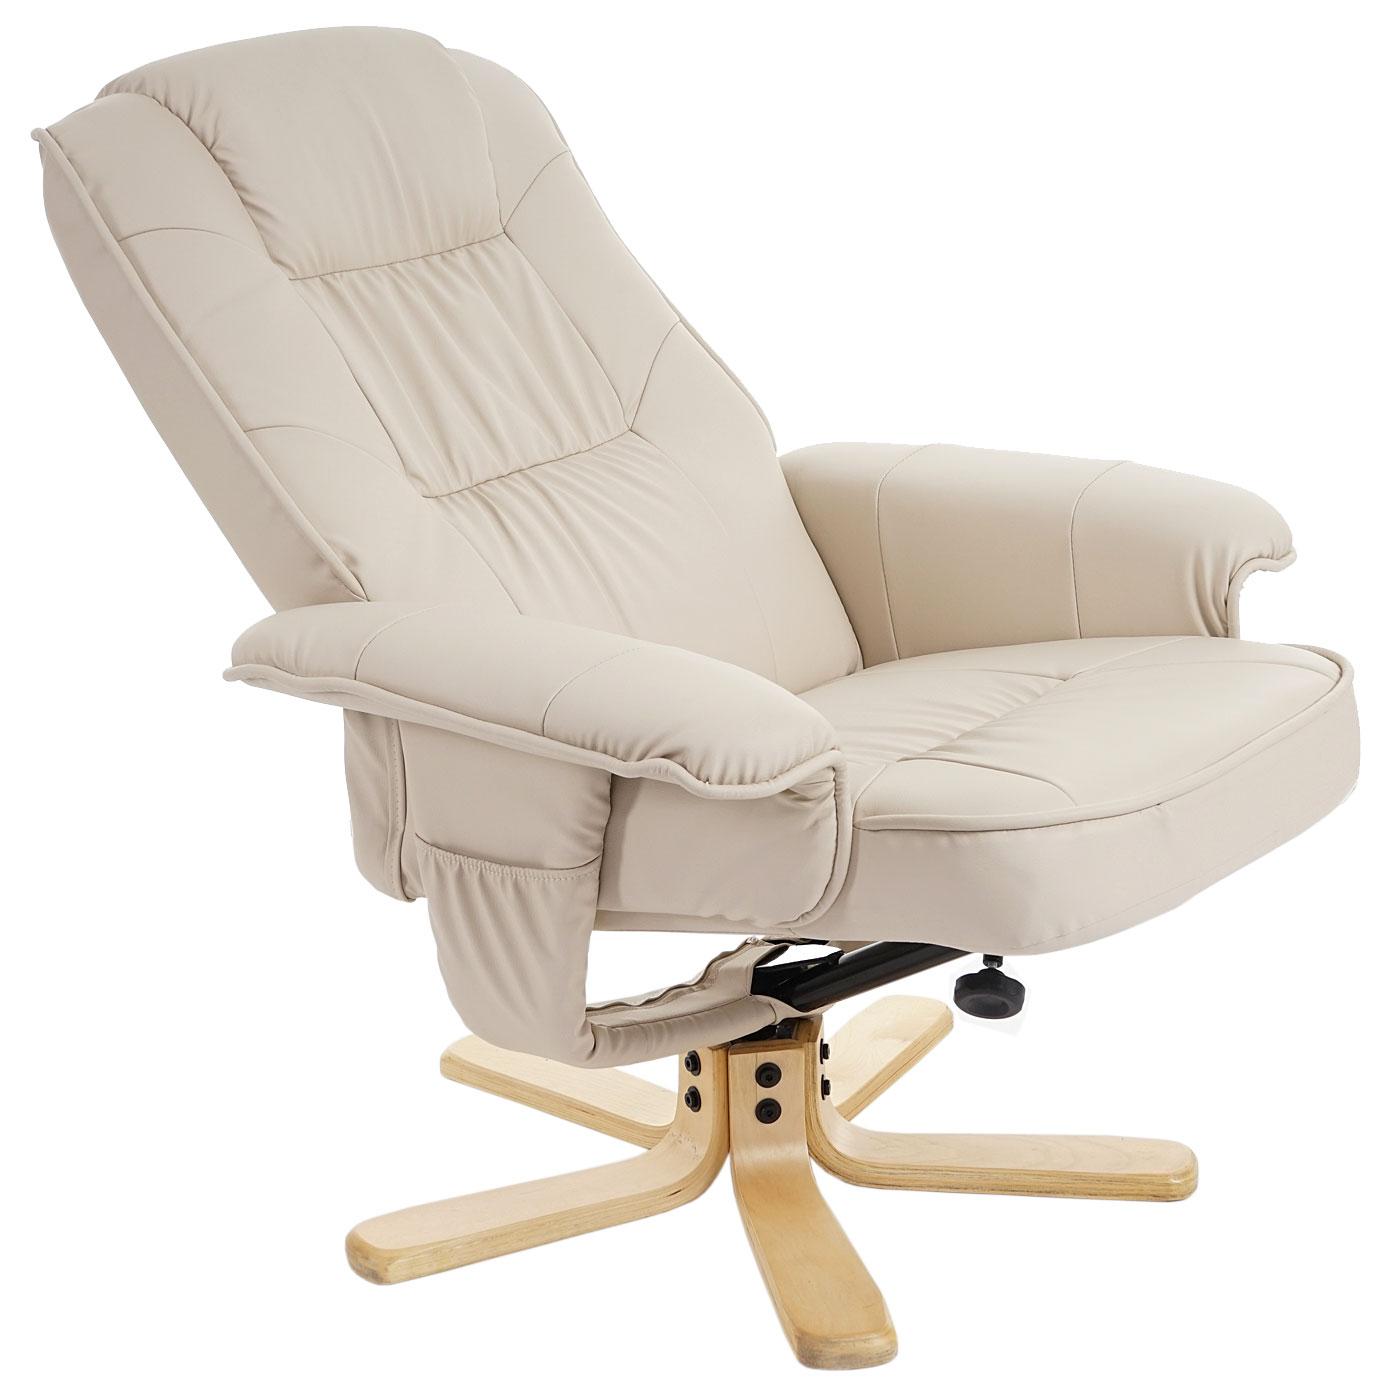 relaxsessel fernsehsessel sessel ohne hocker m56 kunstleder creme. Black Bedroom Furniture Sets. Home Design Ideas